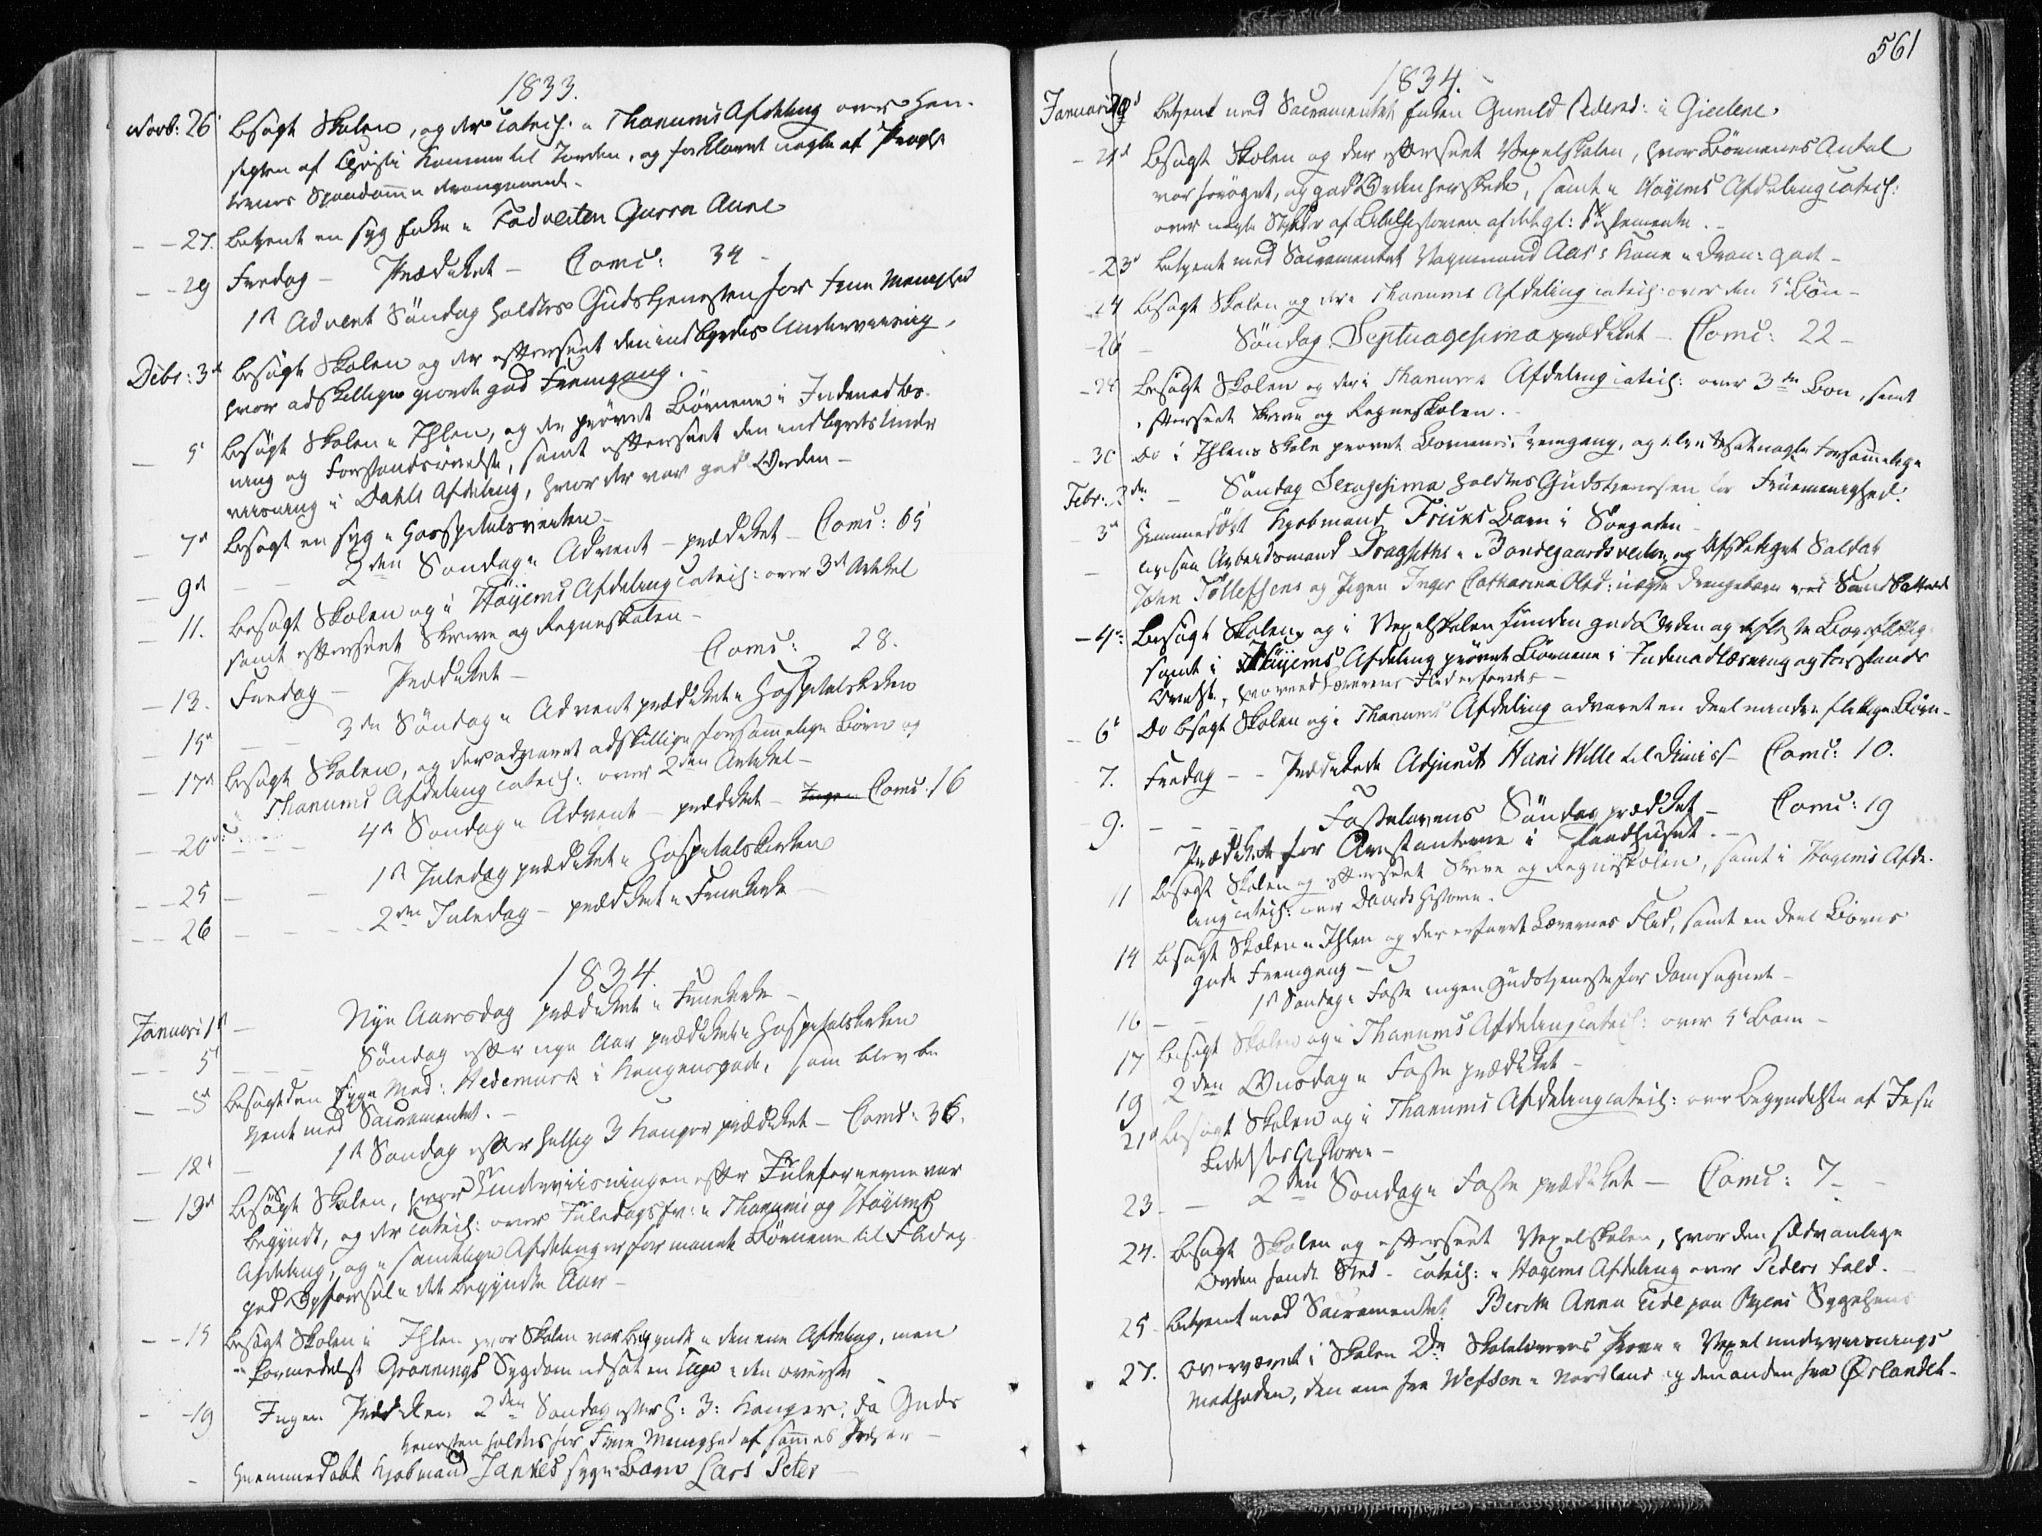 SAT, Ministerialprotokoller, klokkerbøker og fødselsregistre - Sør-Trøndelag, 601/L0047: Ministerialbok nr. 601A15, 1831-1839, s. 561